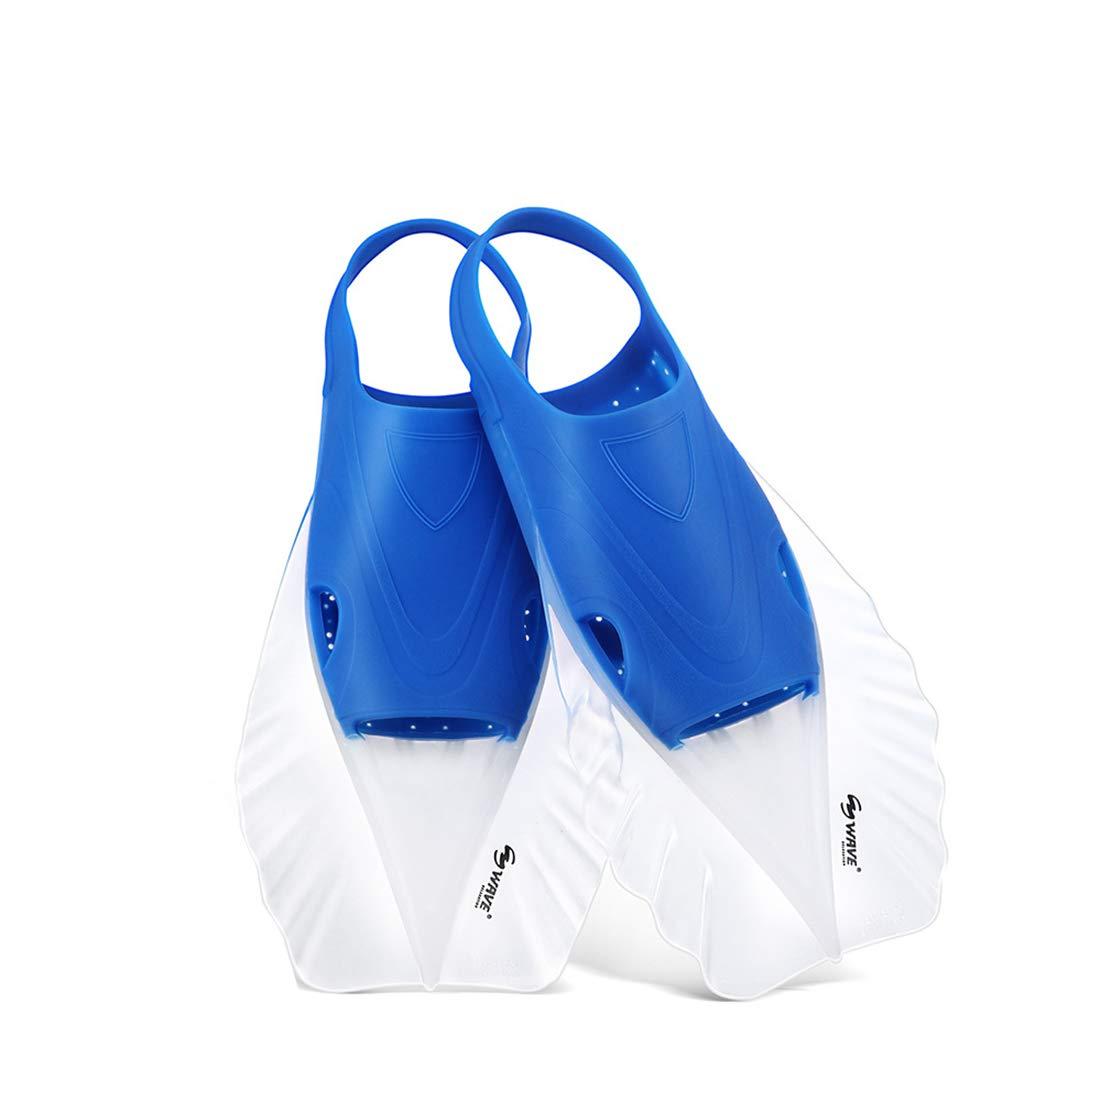 Keriya Sende 水生活動のための大人の短い刃の完全なフィートのダイビングのひれのスノーケリングのひれ (Color : オレンジ, サイズ : M) B07PZCPKMG ブルー Medium Medium|ブルー